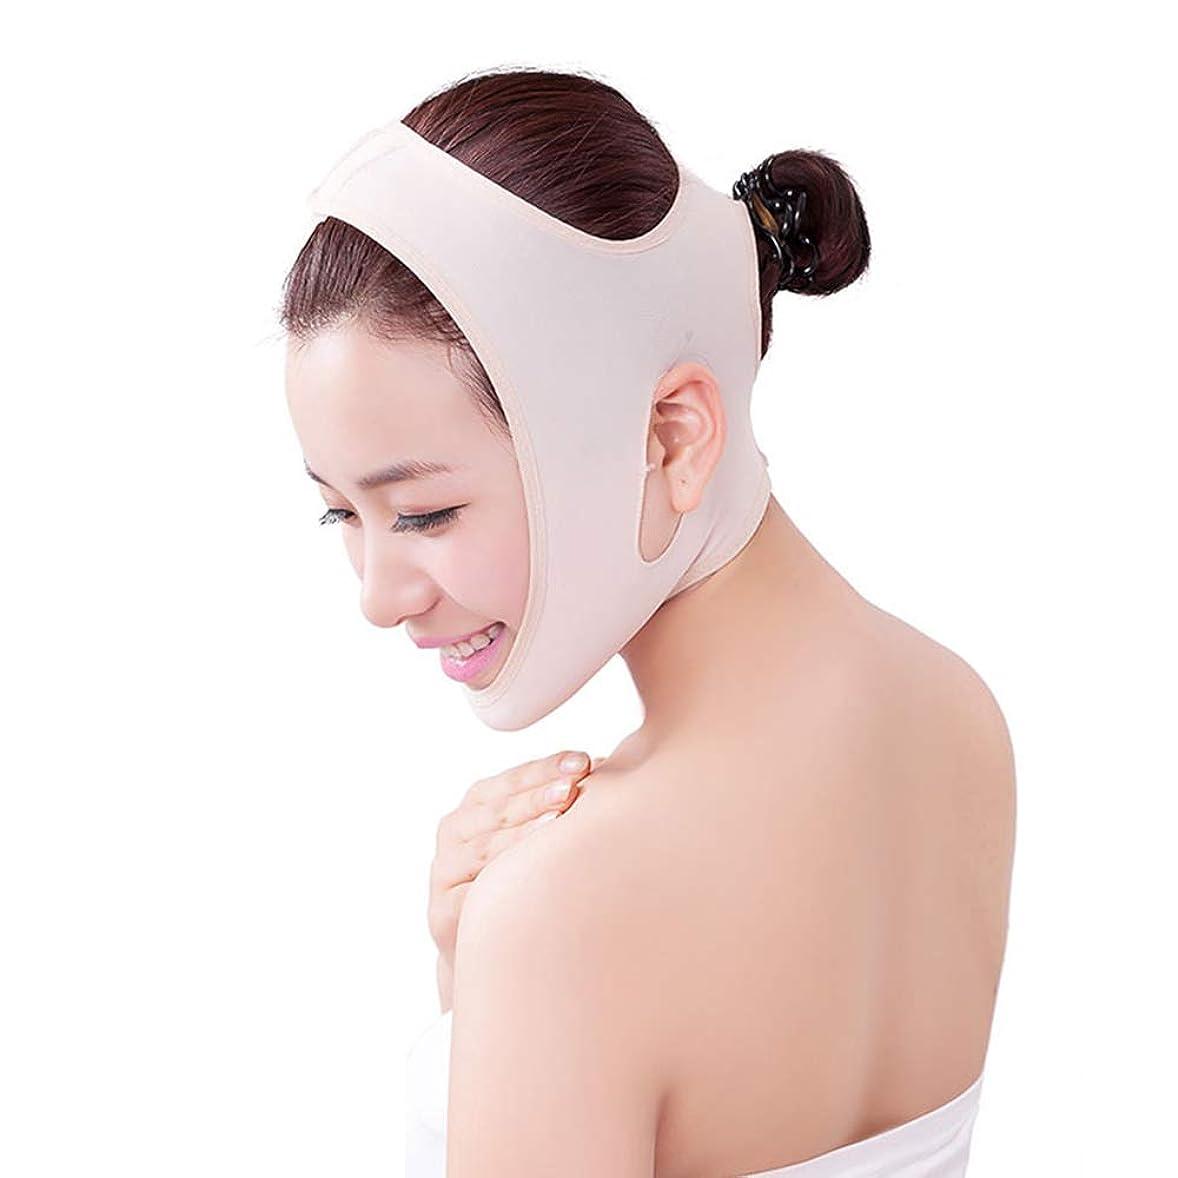 おばさんキャラクター降ろすJia Jia- 顔の持ち上がる痩身ベルト - アンチエイジングリンクルフェイスマスクベルトあなたの顔のためのすばらしい試し二重あごの試し 顔面包帯 (サイズ さいず : M)